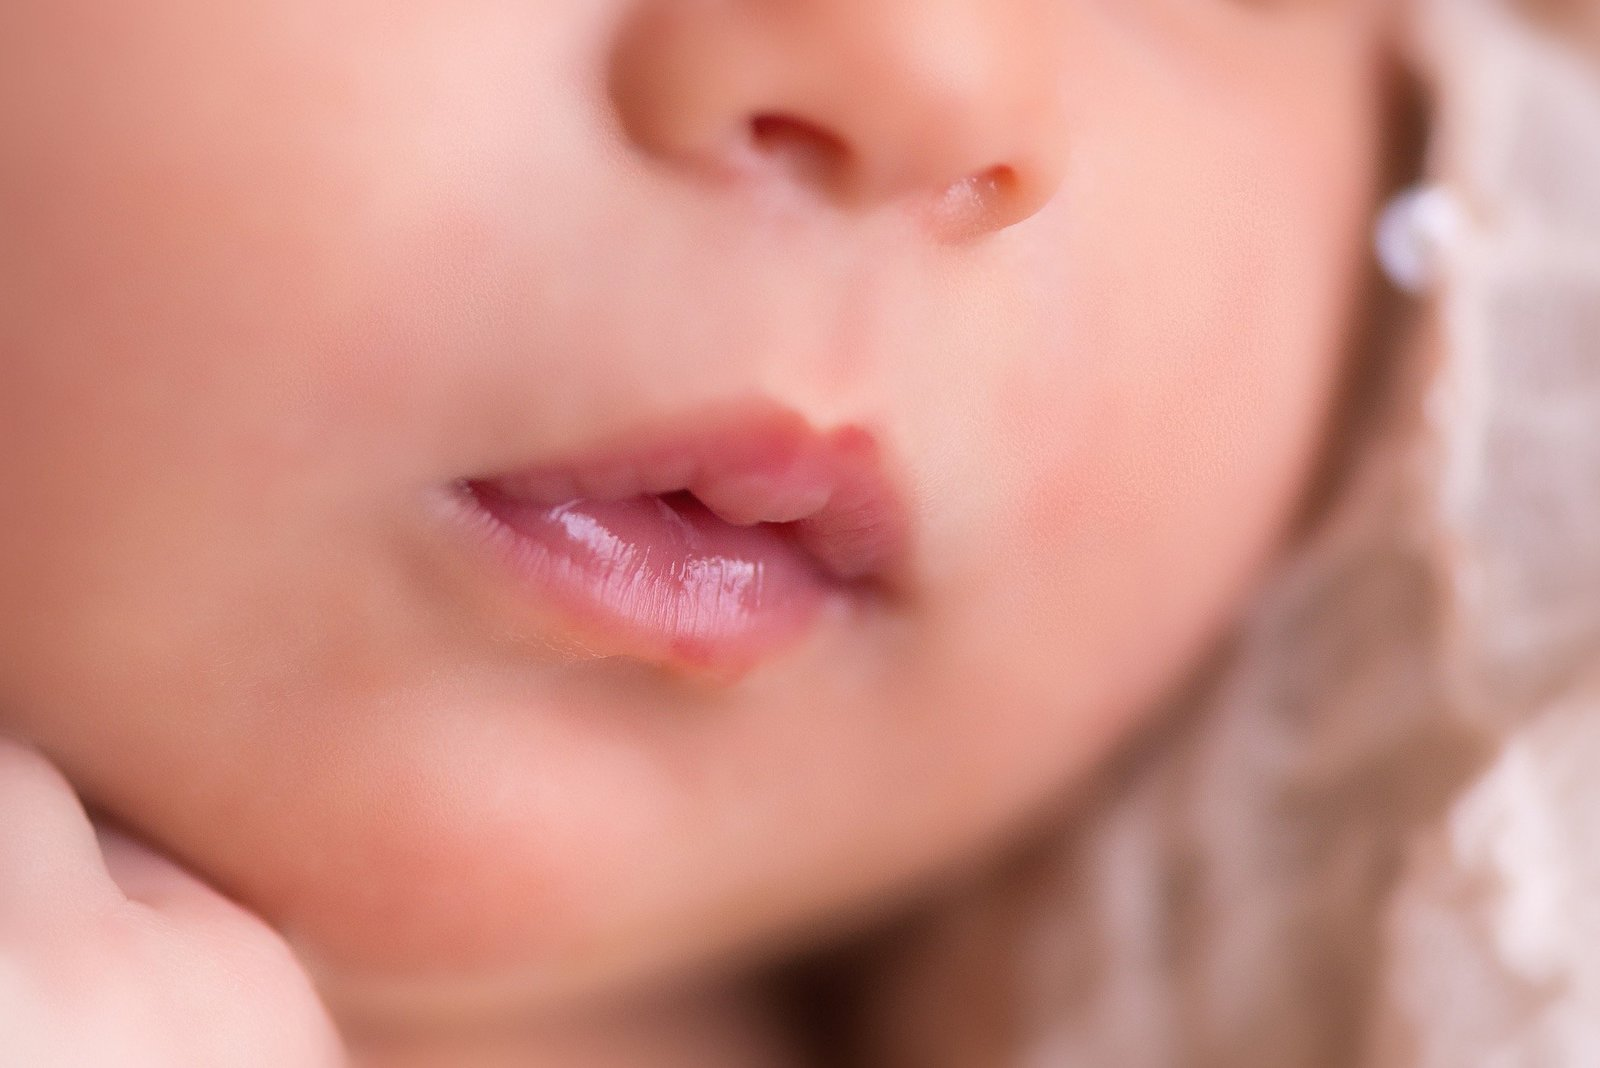 dsc lips